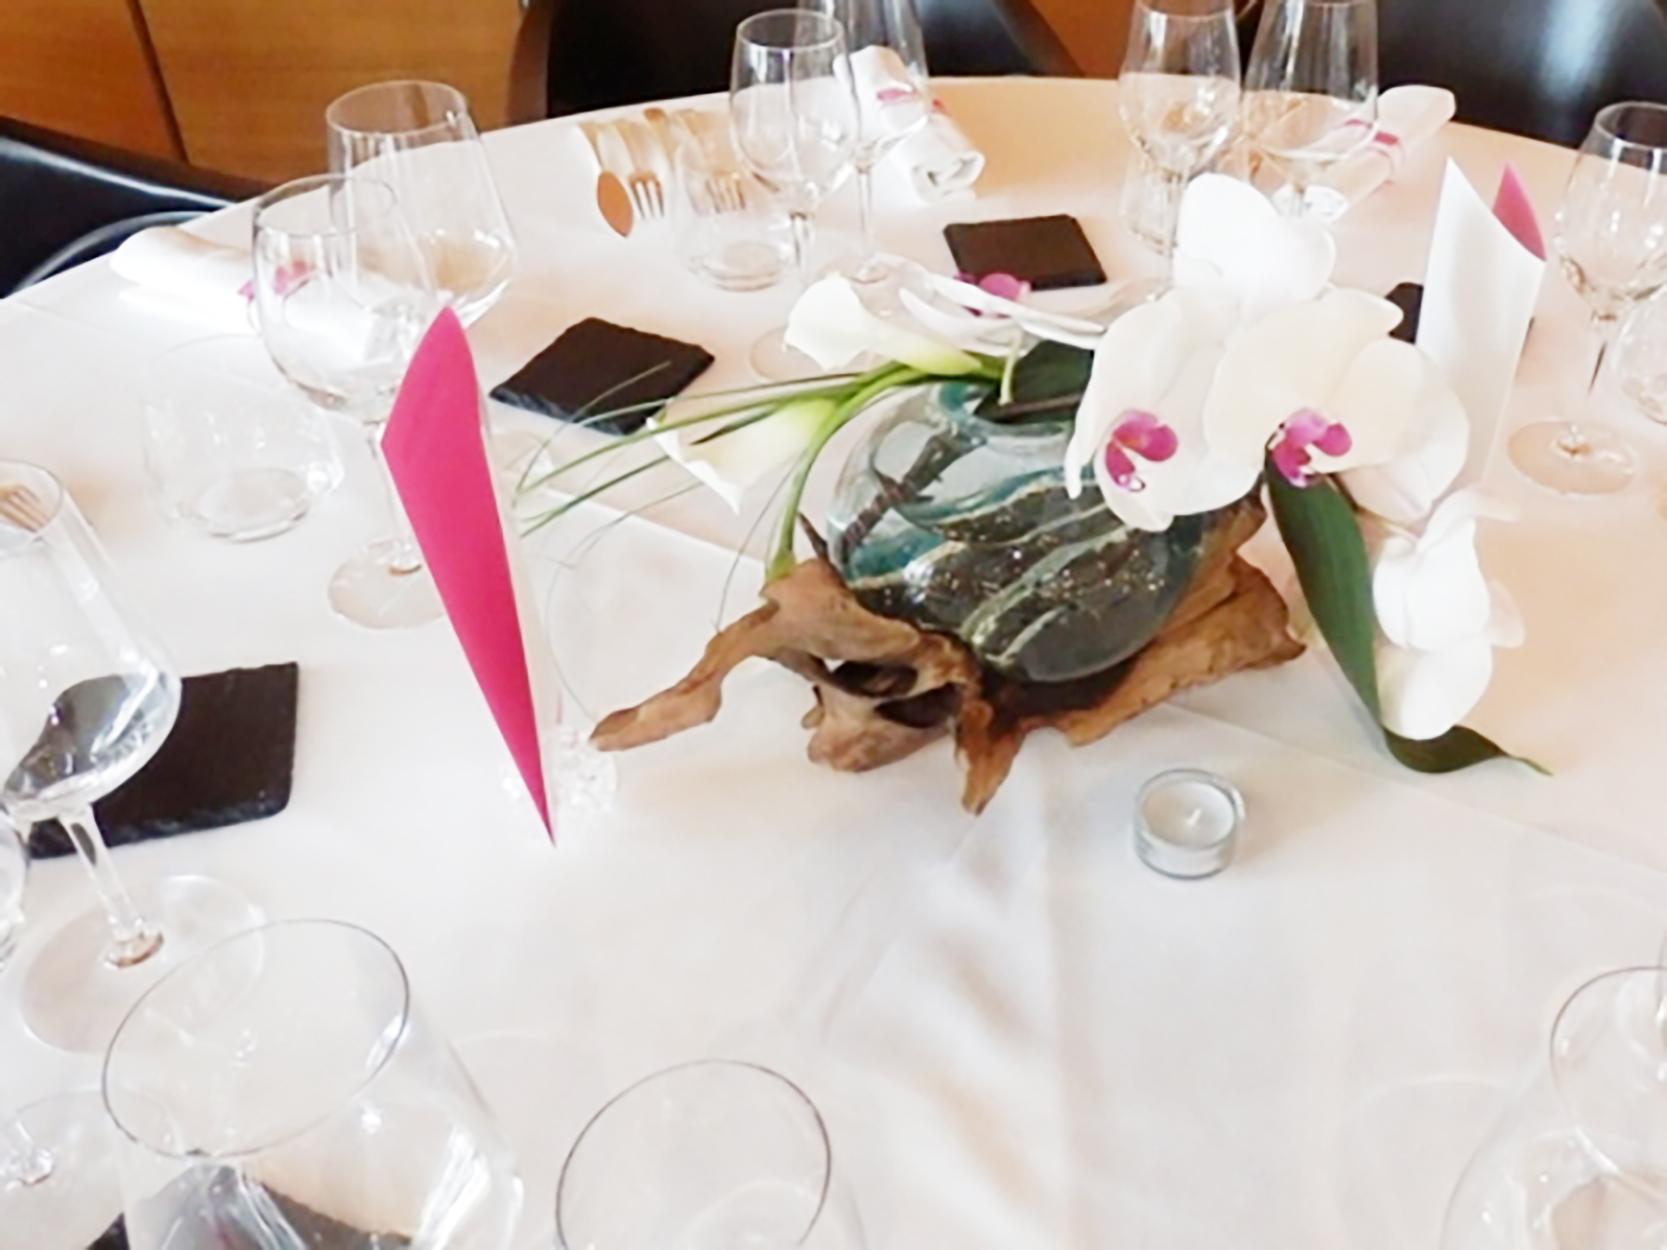 Centre de table mariage objets d co photo 1 pictures to pin on pinterest - Centre de table mariage ...